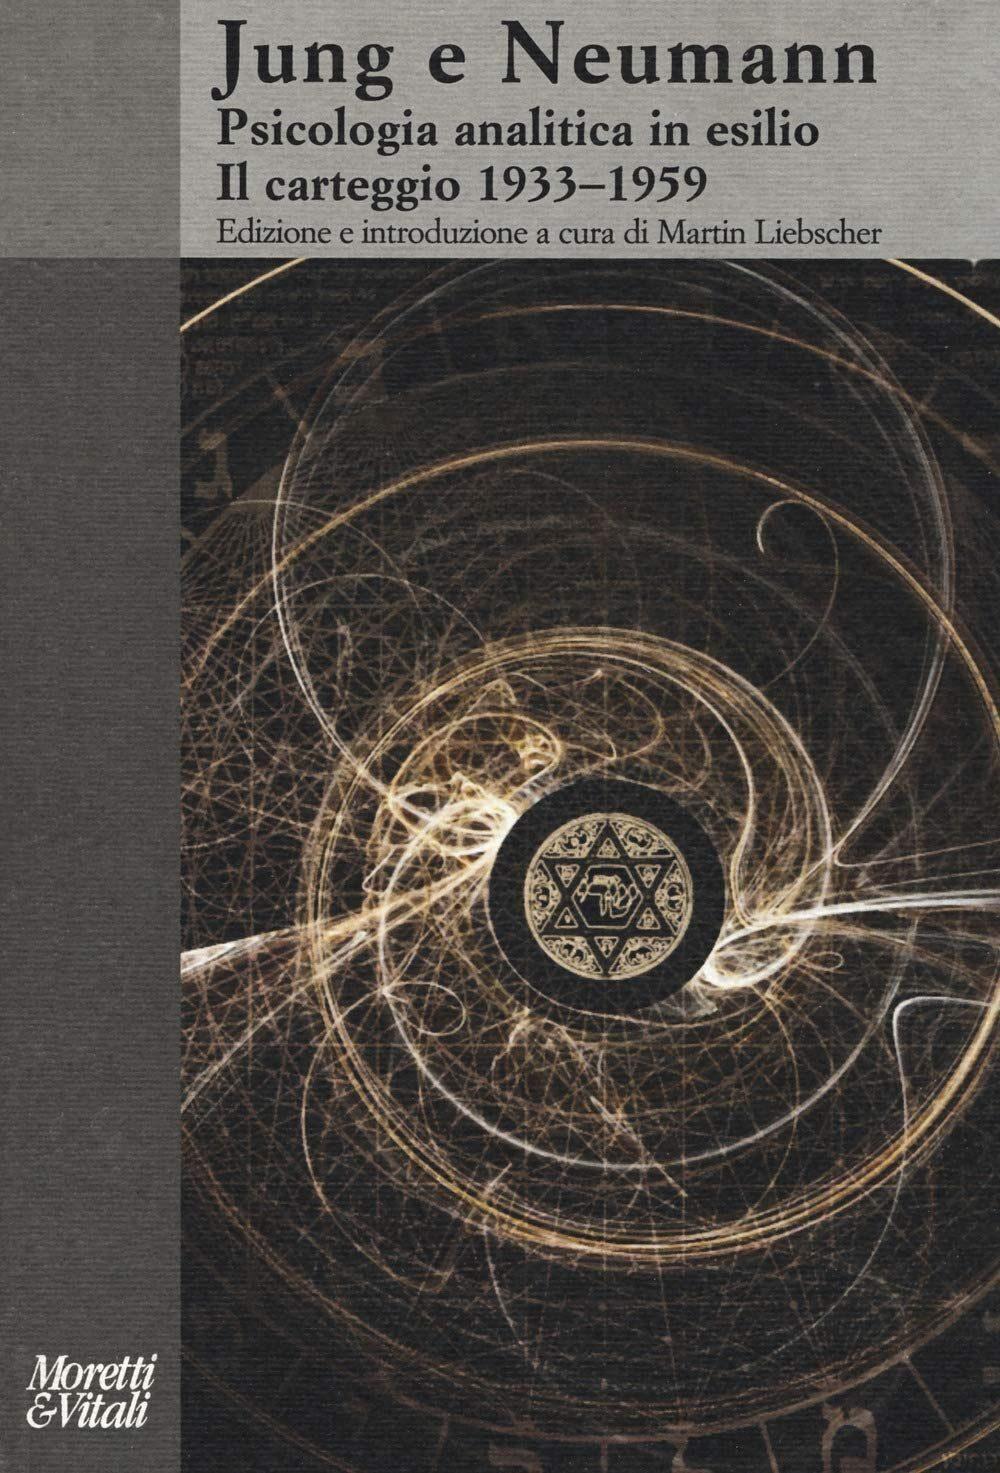 Jung e Neumann. Psicologia analitica in esilio. Il carteggio 1933-1959 – Recensione del libro II parte